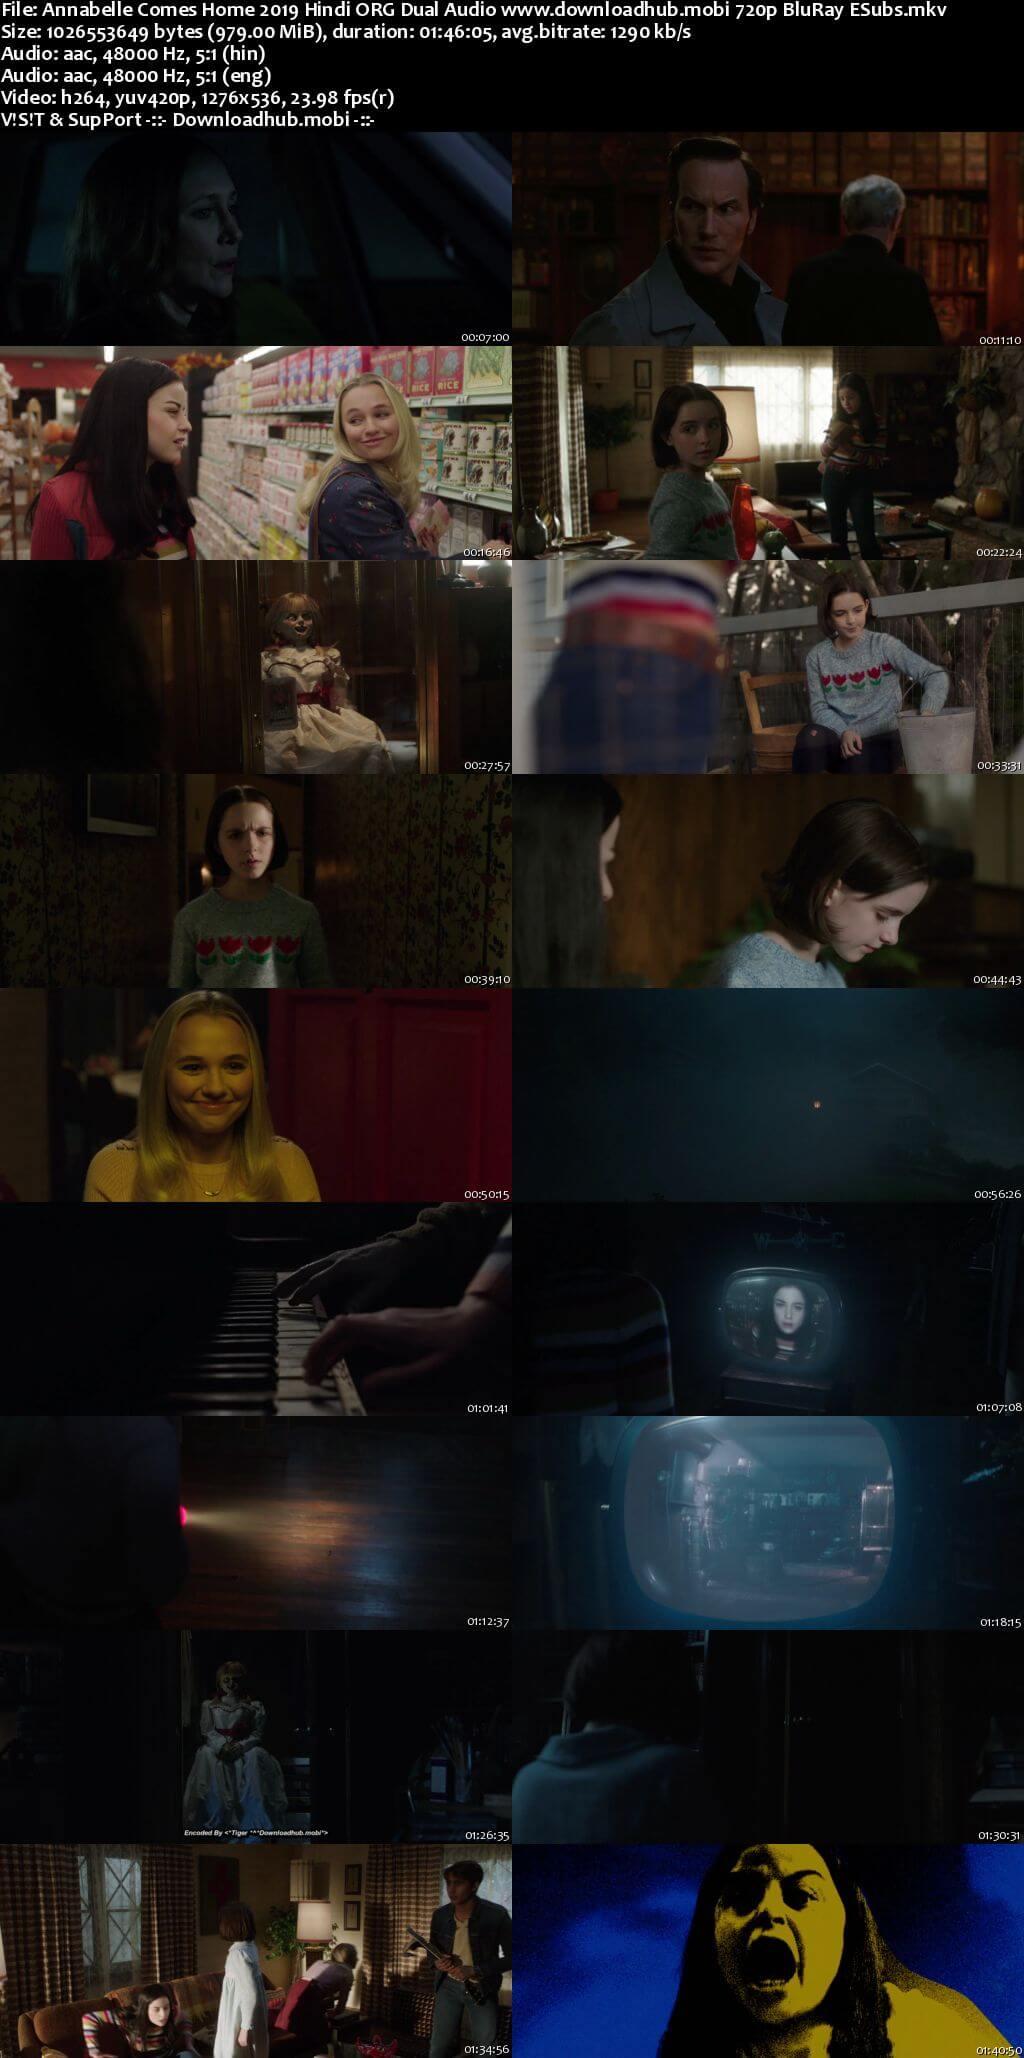 Annabelle Comes Home 2019 Hindi ORG Dual Audio 720p BluRay ESubs